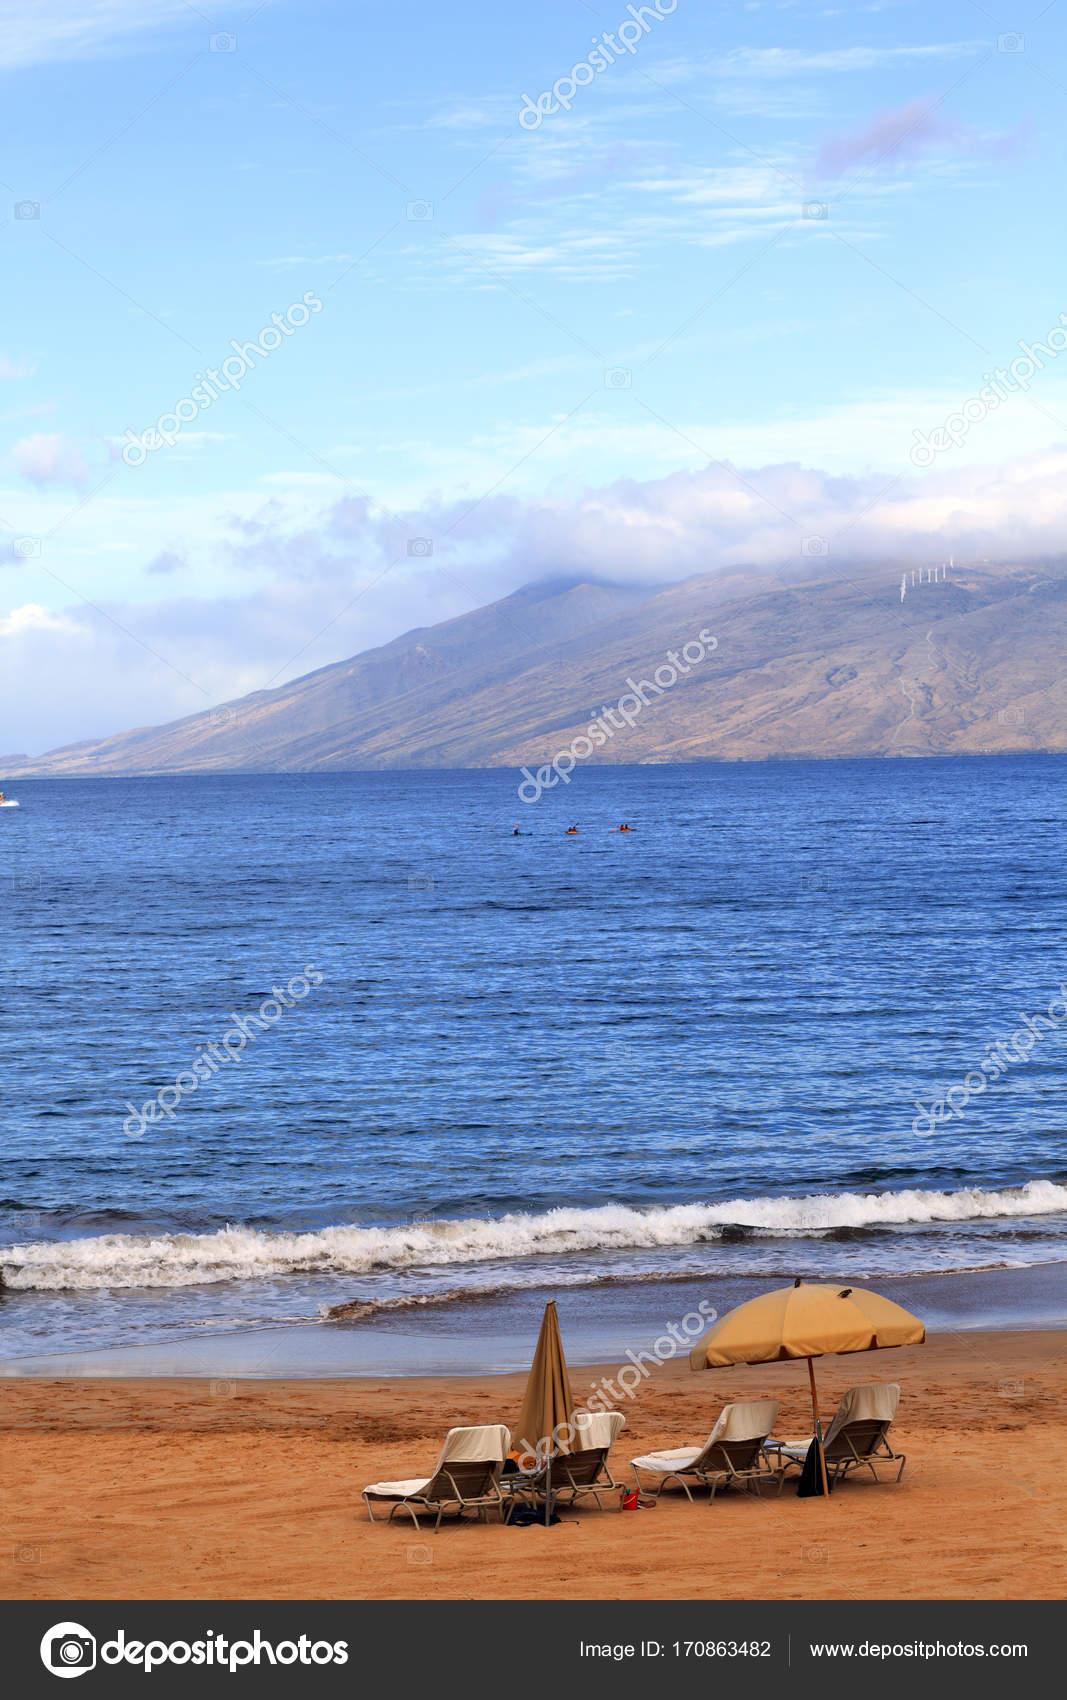 Conforto de praia havaiana — Stock Photo © Foto.Toch  170863482 d24795a544